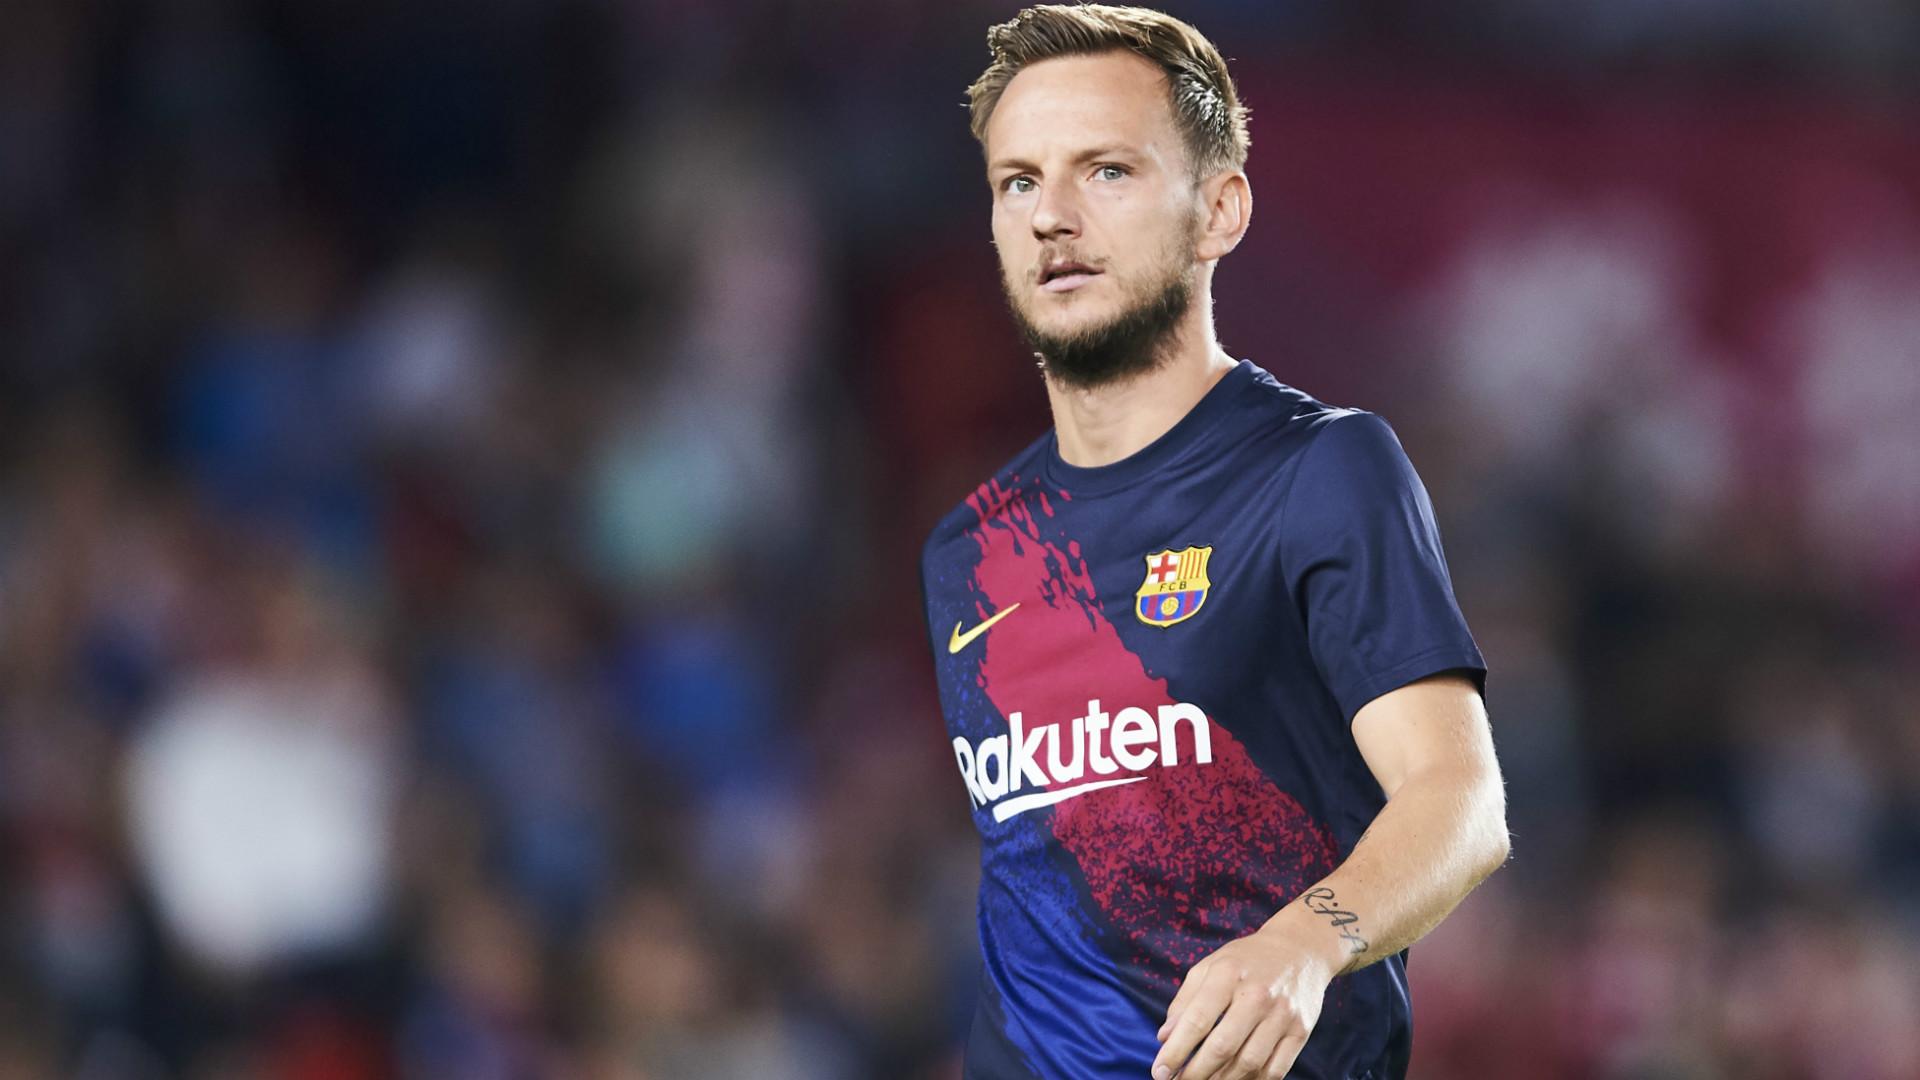 Otro más que se va: Rakitic deja Barcelona y vuelve a Sevilla